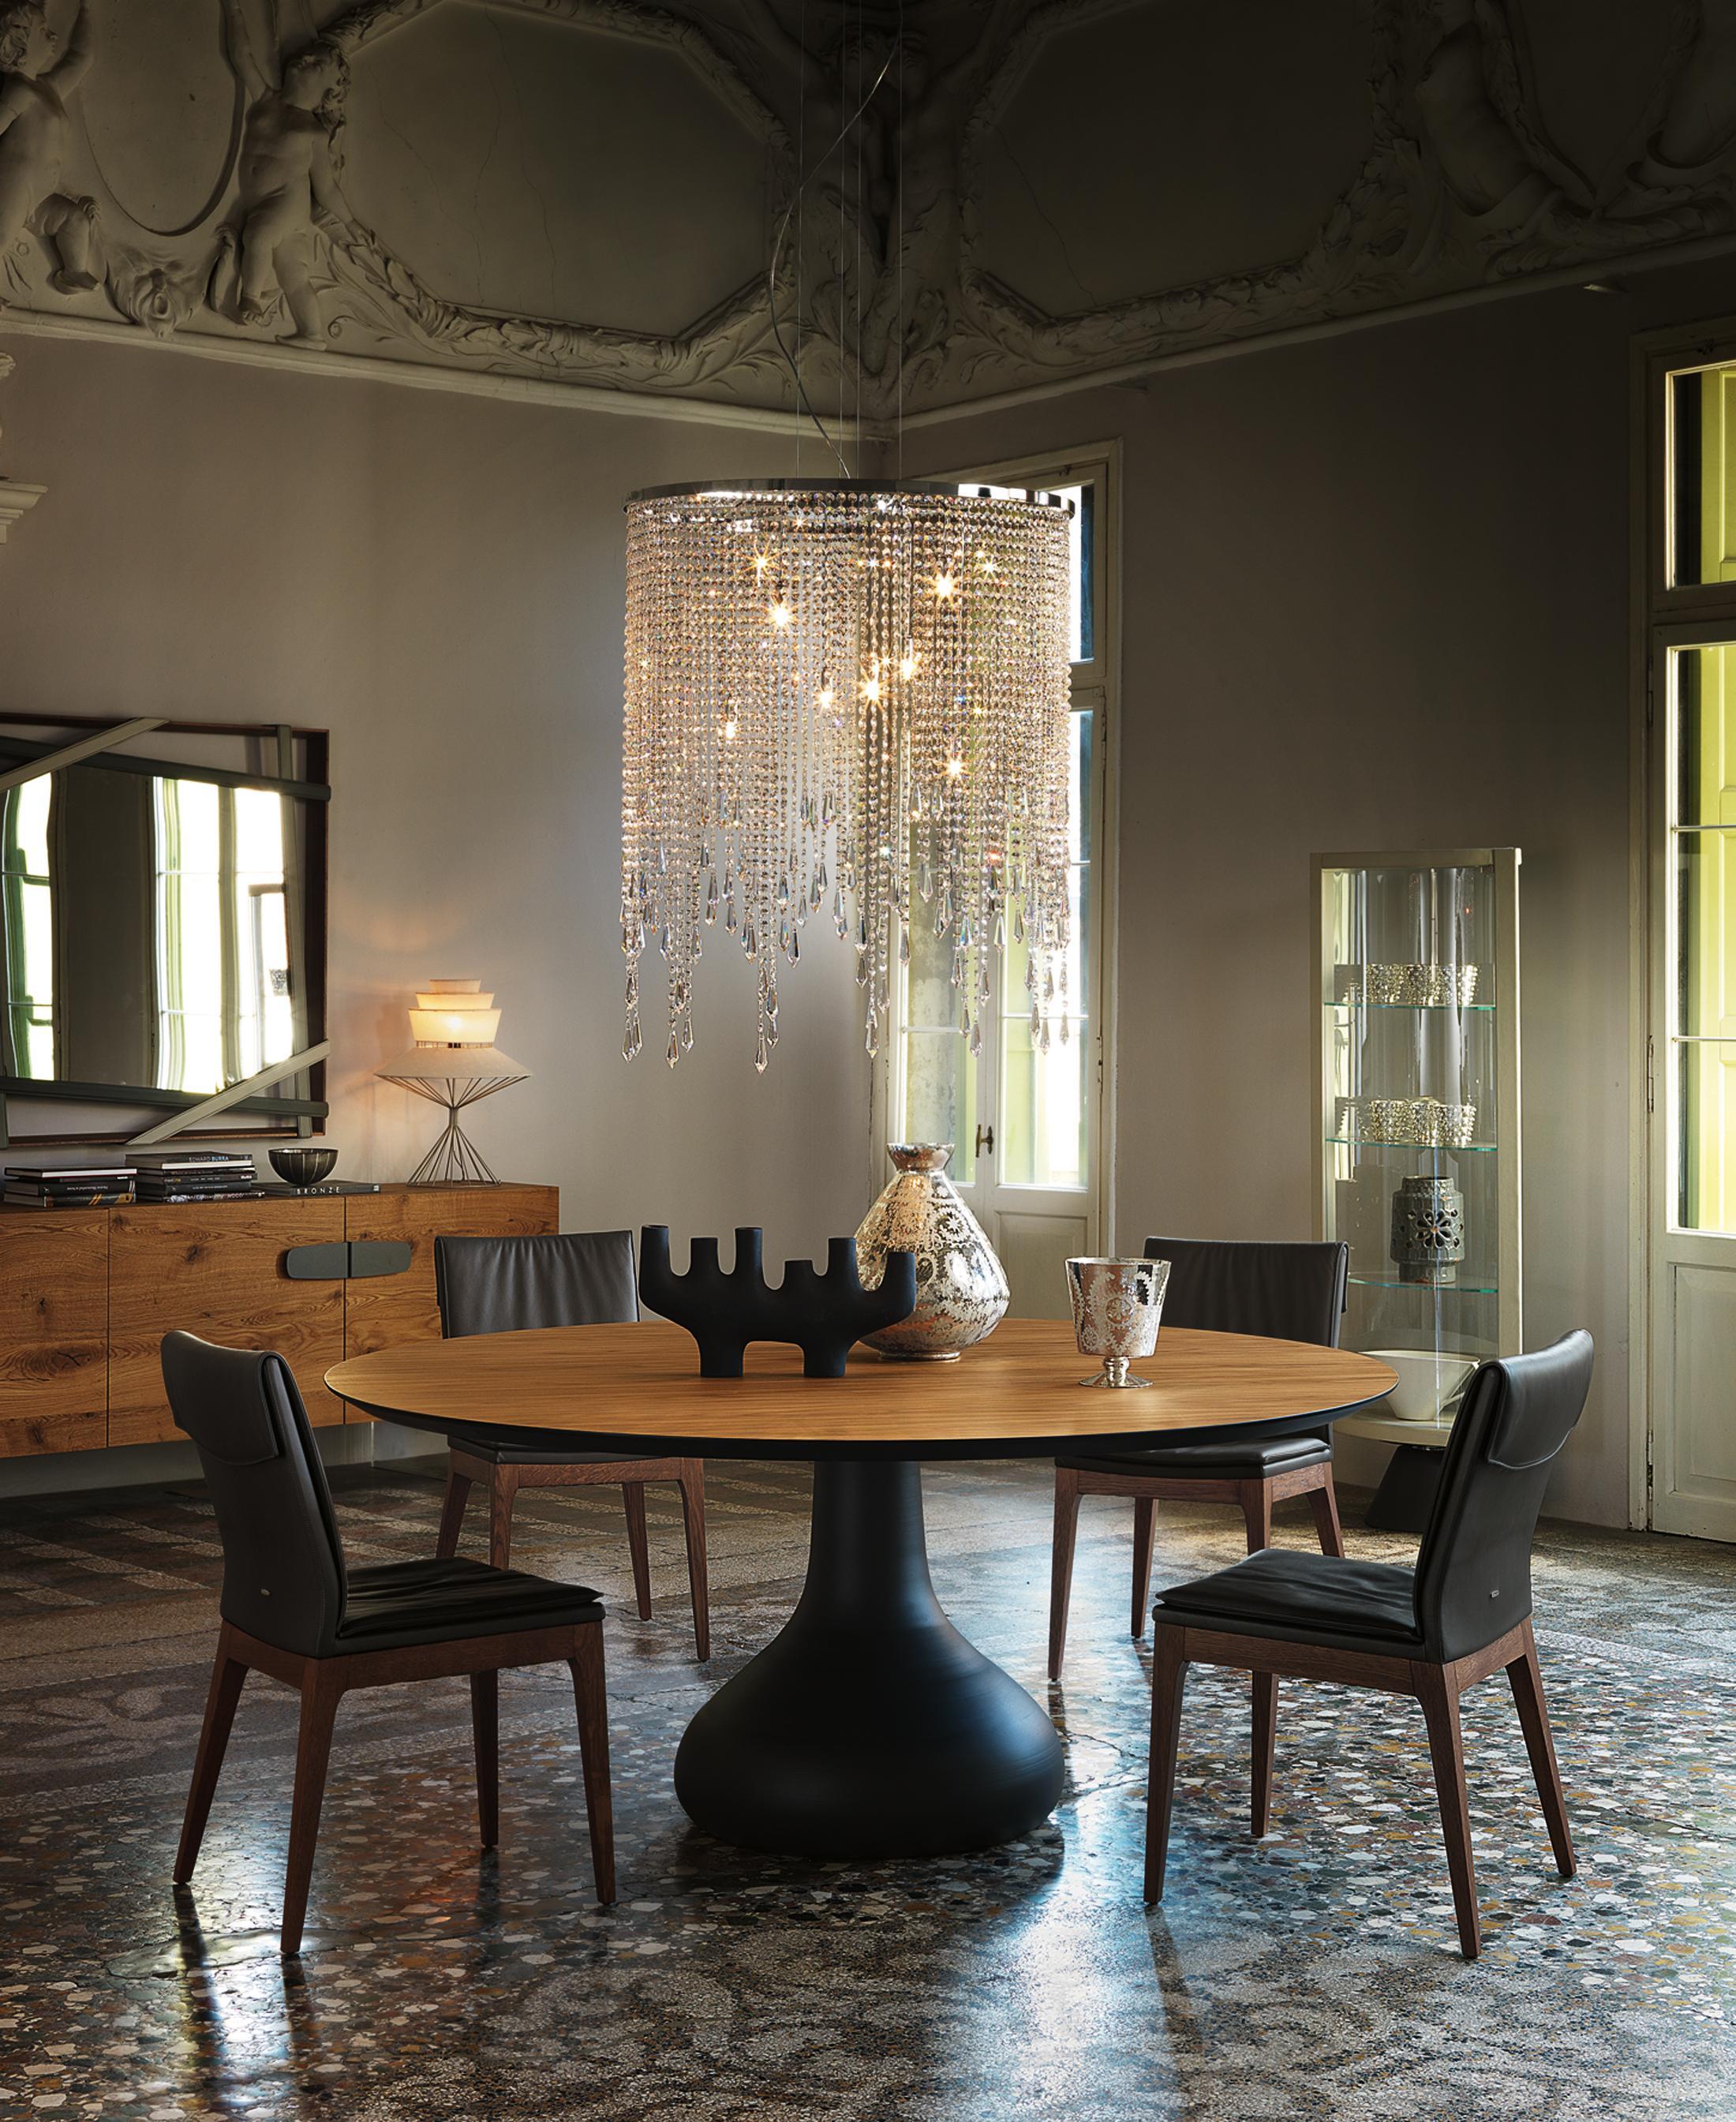 Esszimmer Mit Kronleuchter #spiegel #esstisch #kronleuchter #vitrine  ©Cattelan Italia